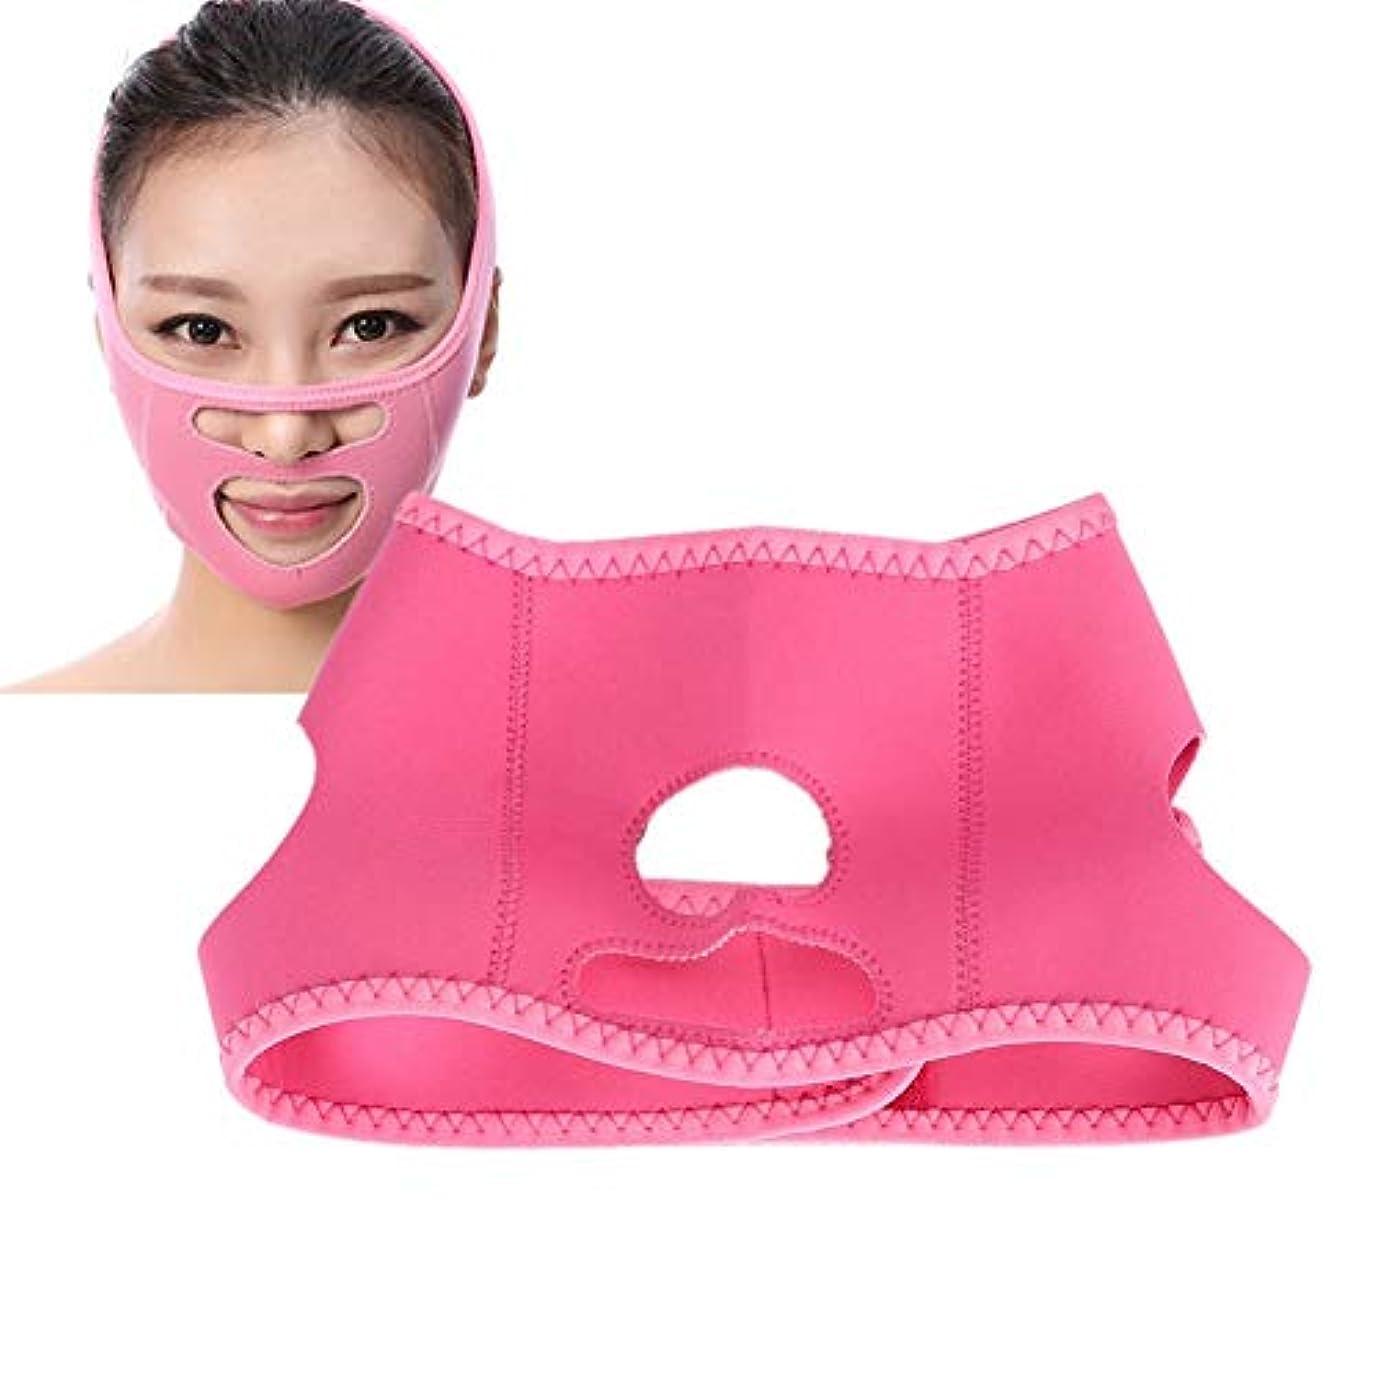 フォーマルセクション記念日フェイスマスク 低反発素材 通気 小顔 矯正 顔痩せ 筋肉弛緩 二重あご 補正ベルト